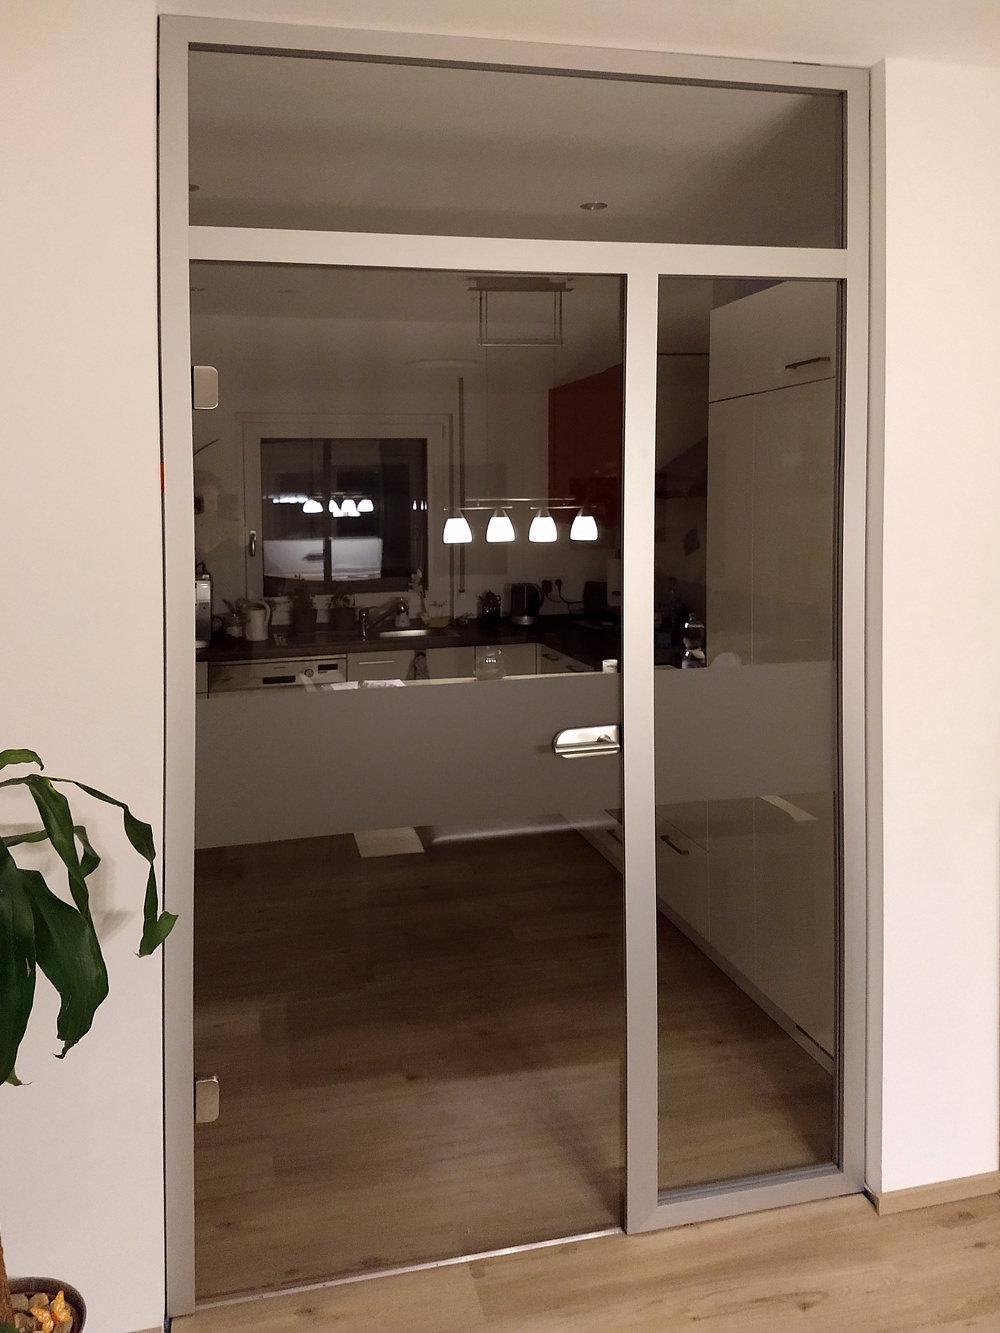 Referenz Sascha Loos Glastüren Klarglas in Alu-Blockzarge mit Seitenteil und Oberlicht